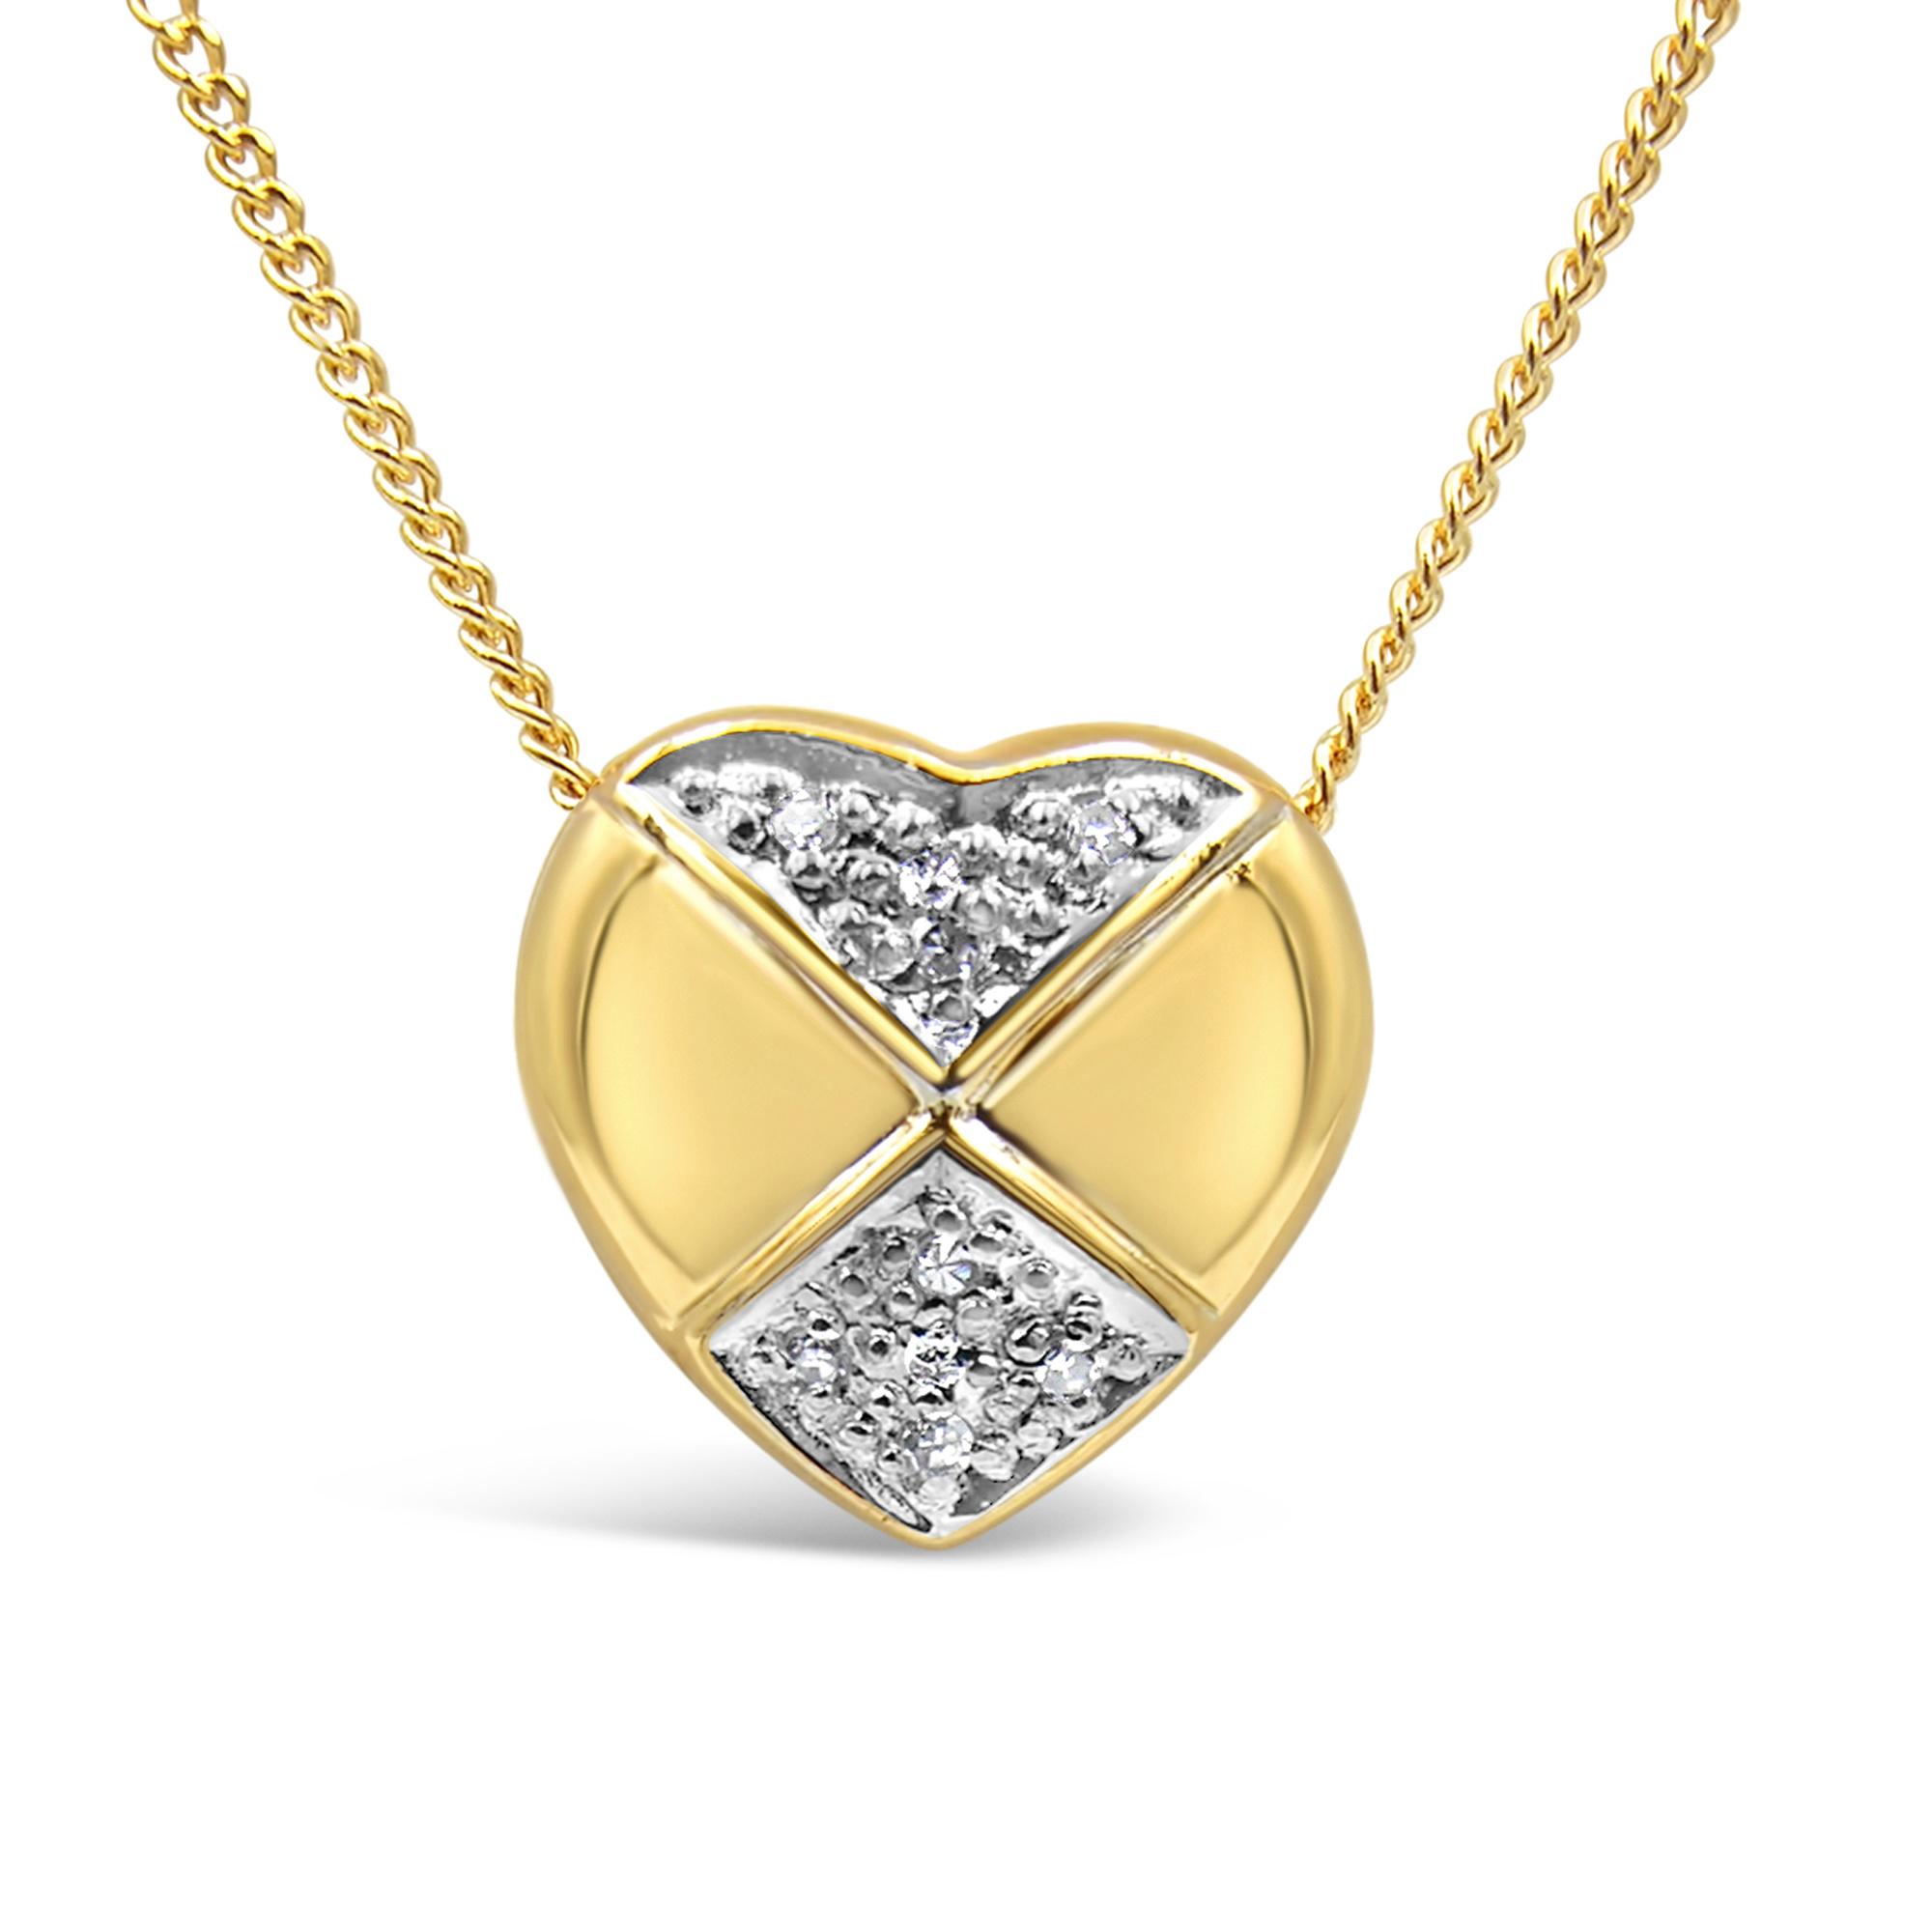 18 karaat geel & wit goud hart hanger met 0.04 ct diamanten